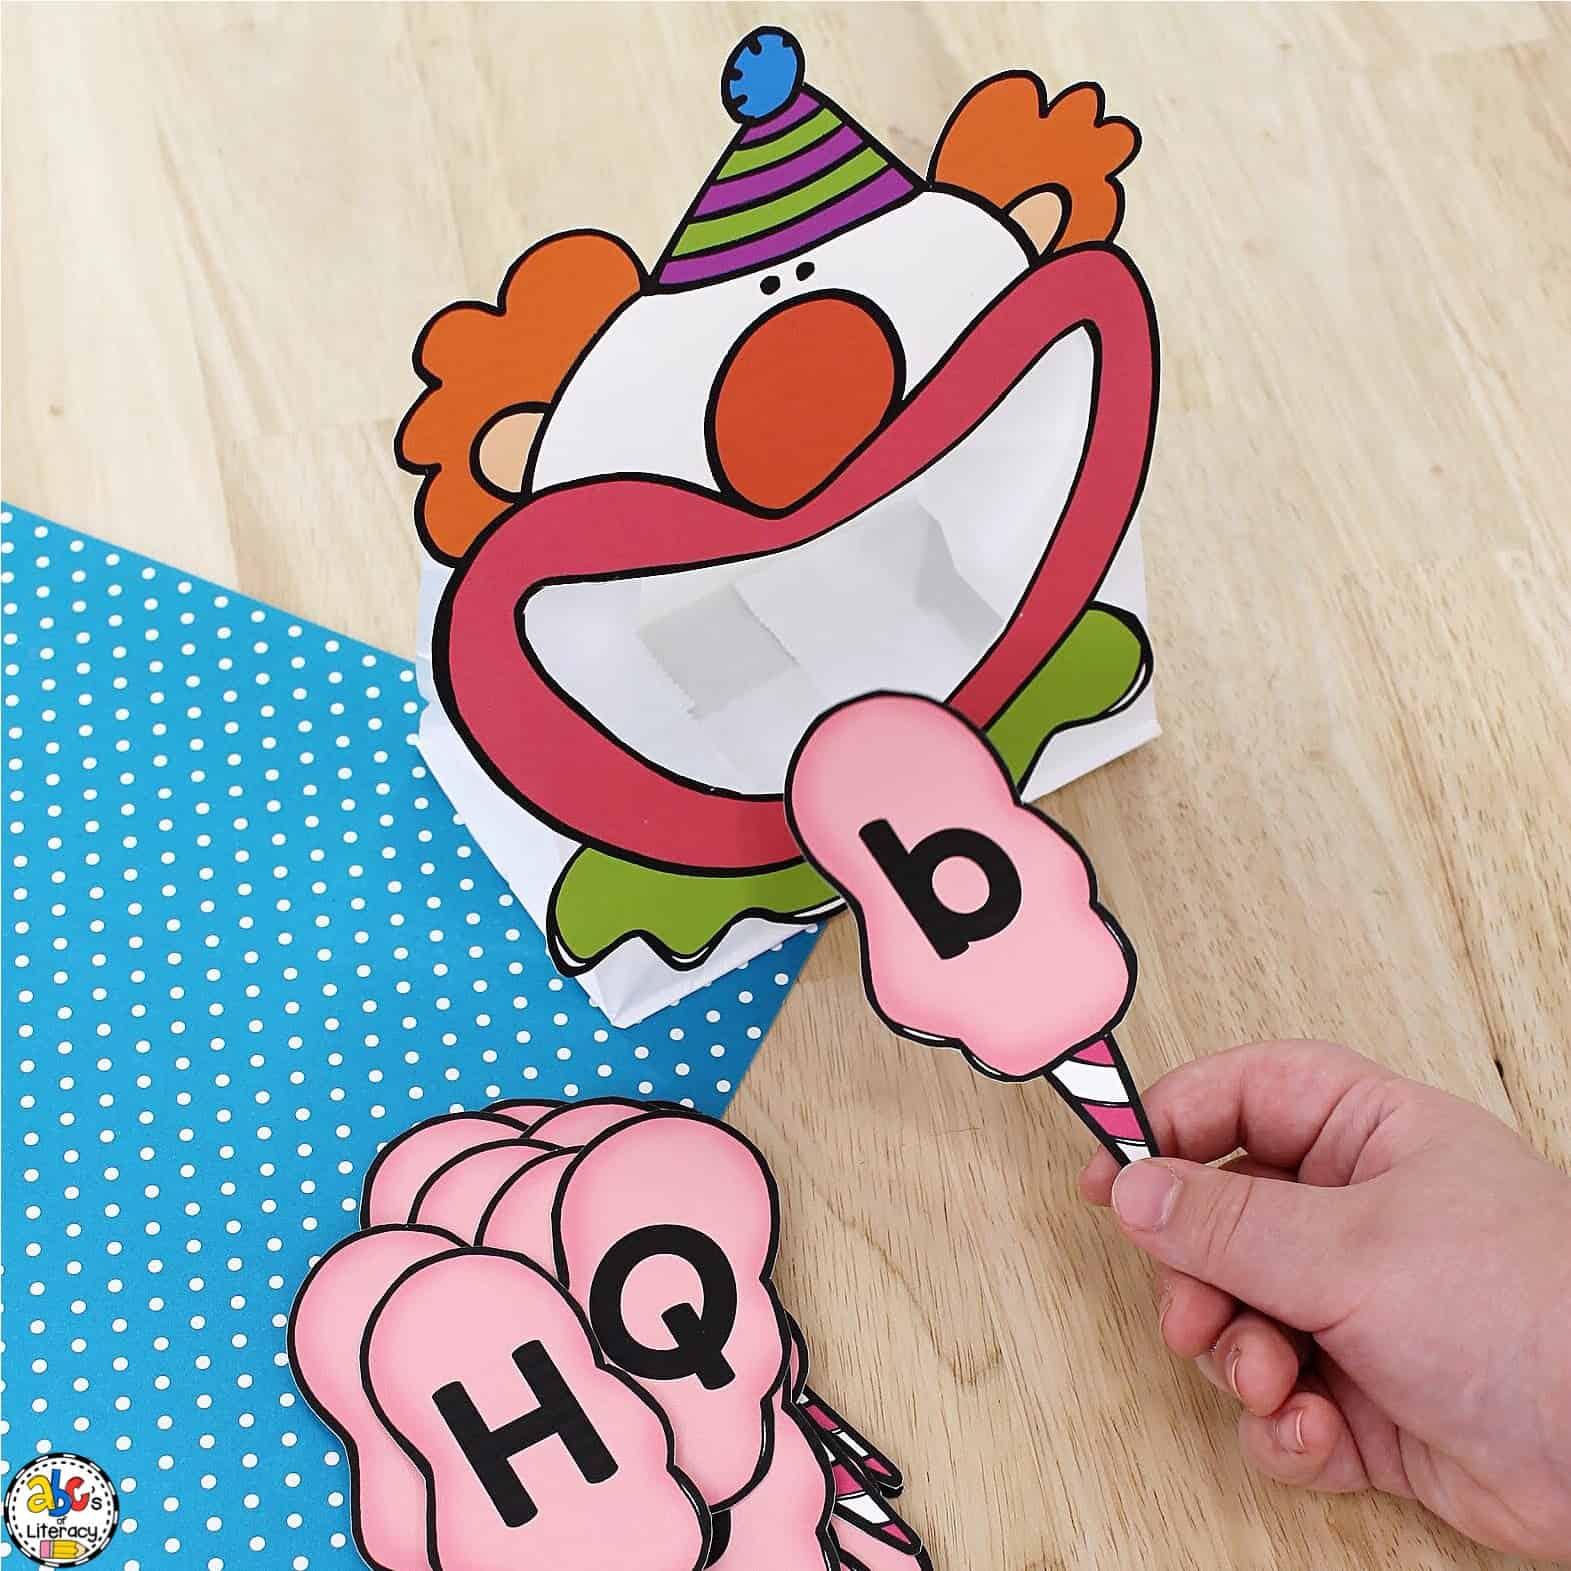 Circus Activity for Preschoolers